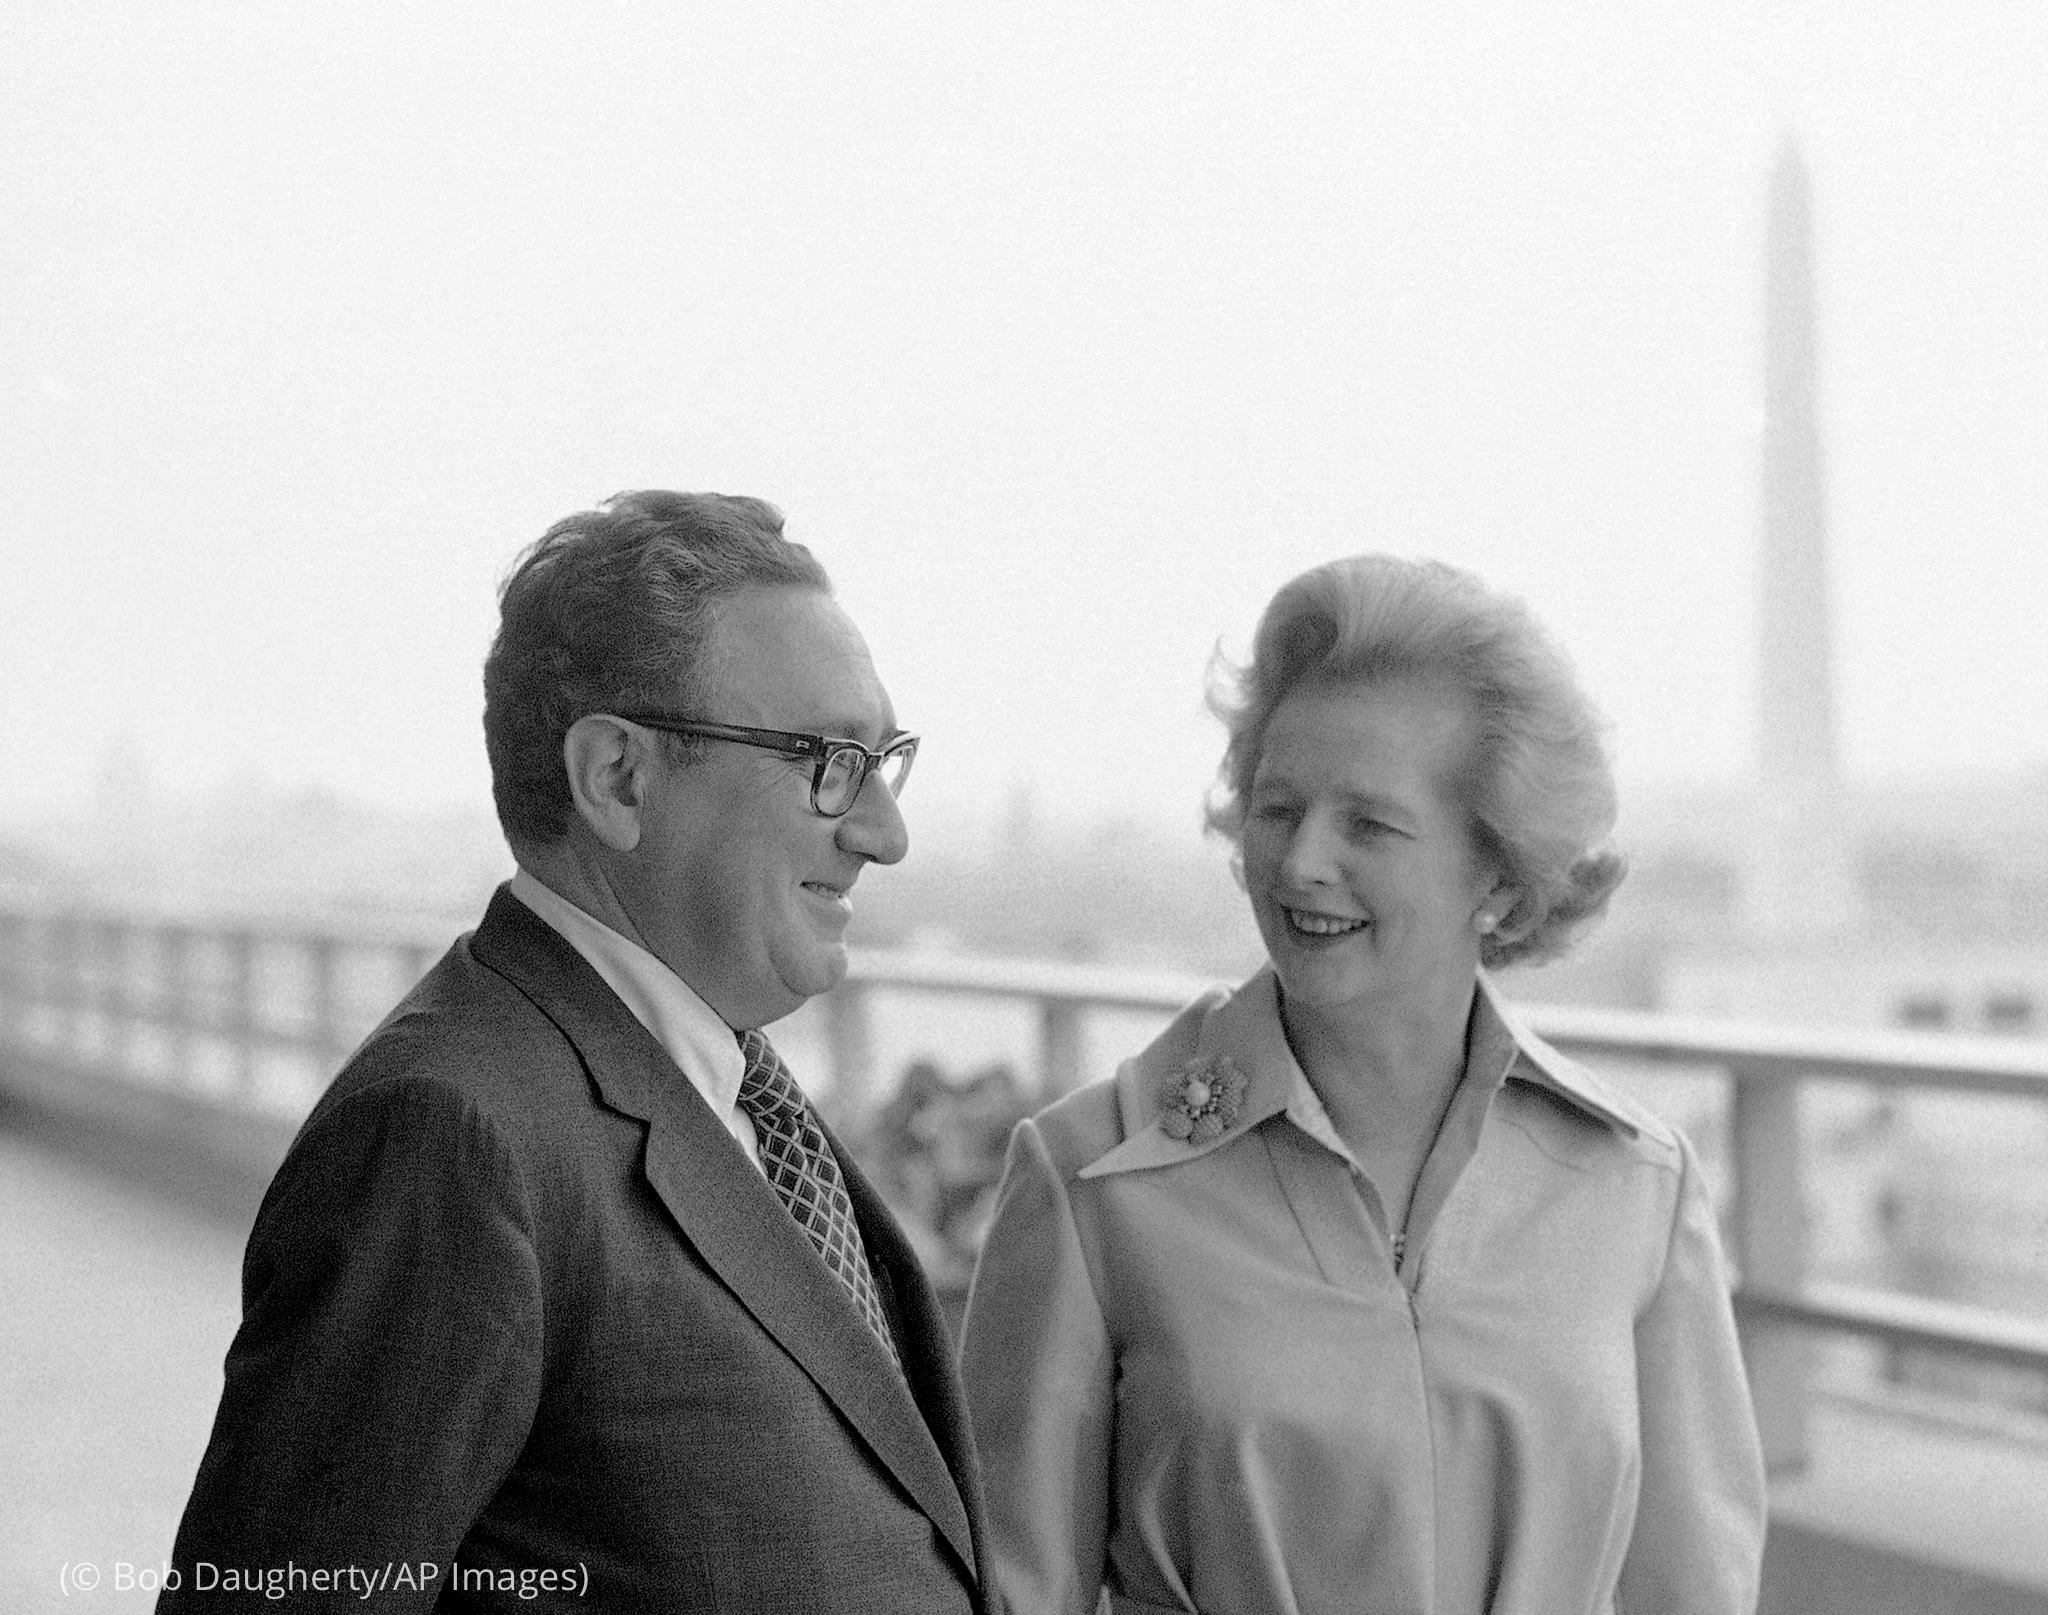 مارگریٹ تھیچر اور ہنری کسنجر عمارت کی چھت پر کھڑے ہیں اور پس منظر میں واشنگٹن کی یادگار دکھائی دے رہی ہے (© Bob Daugherty/AP Images)